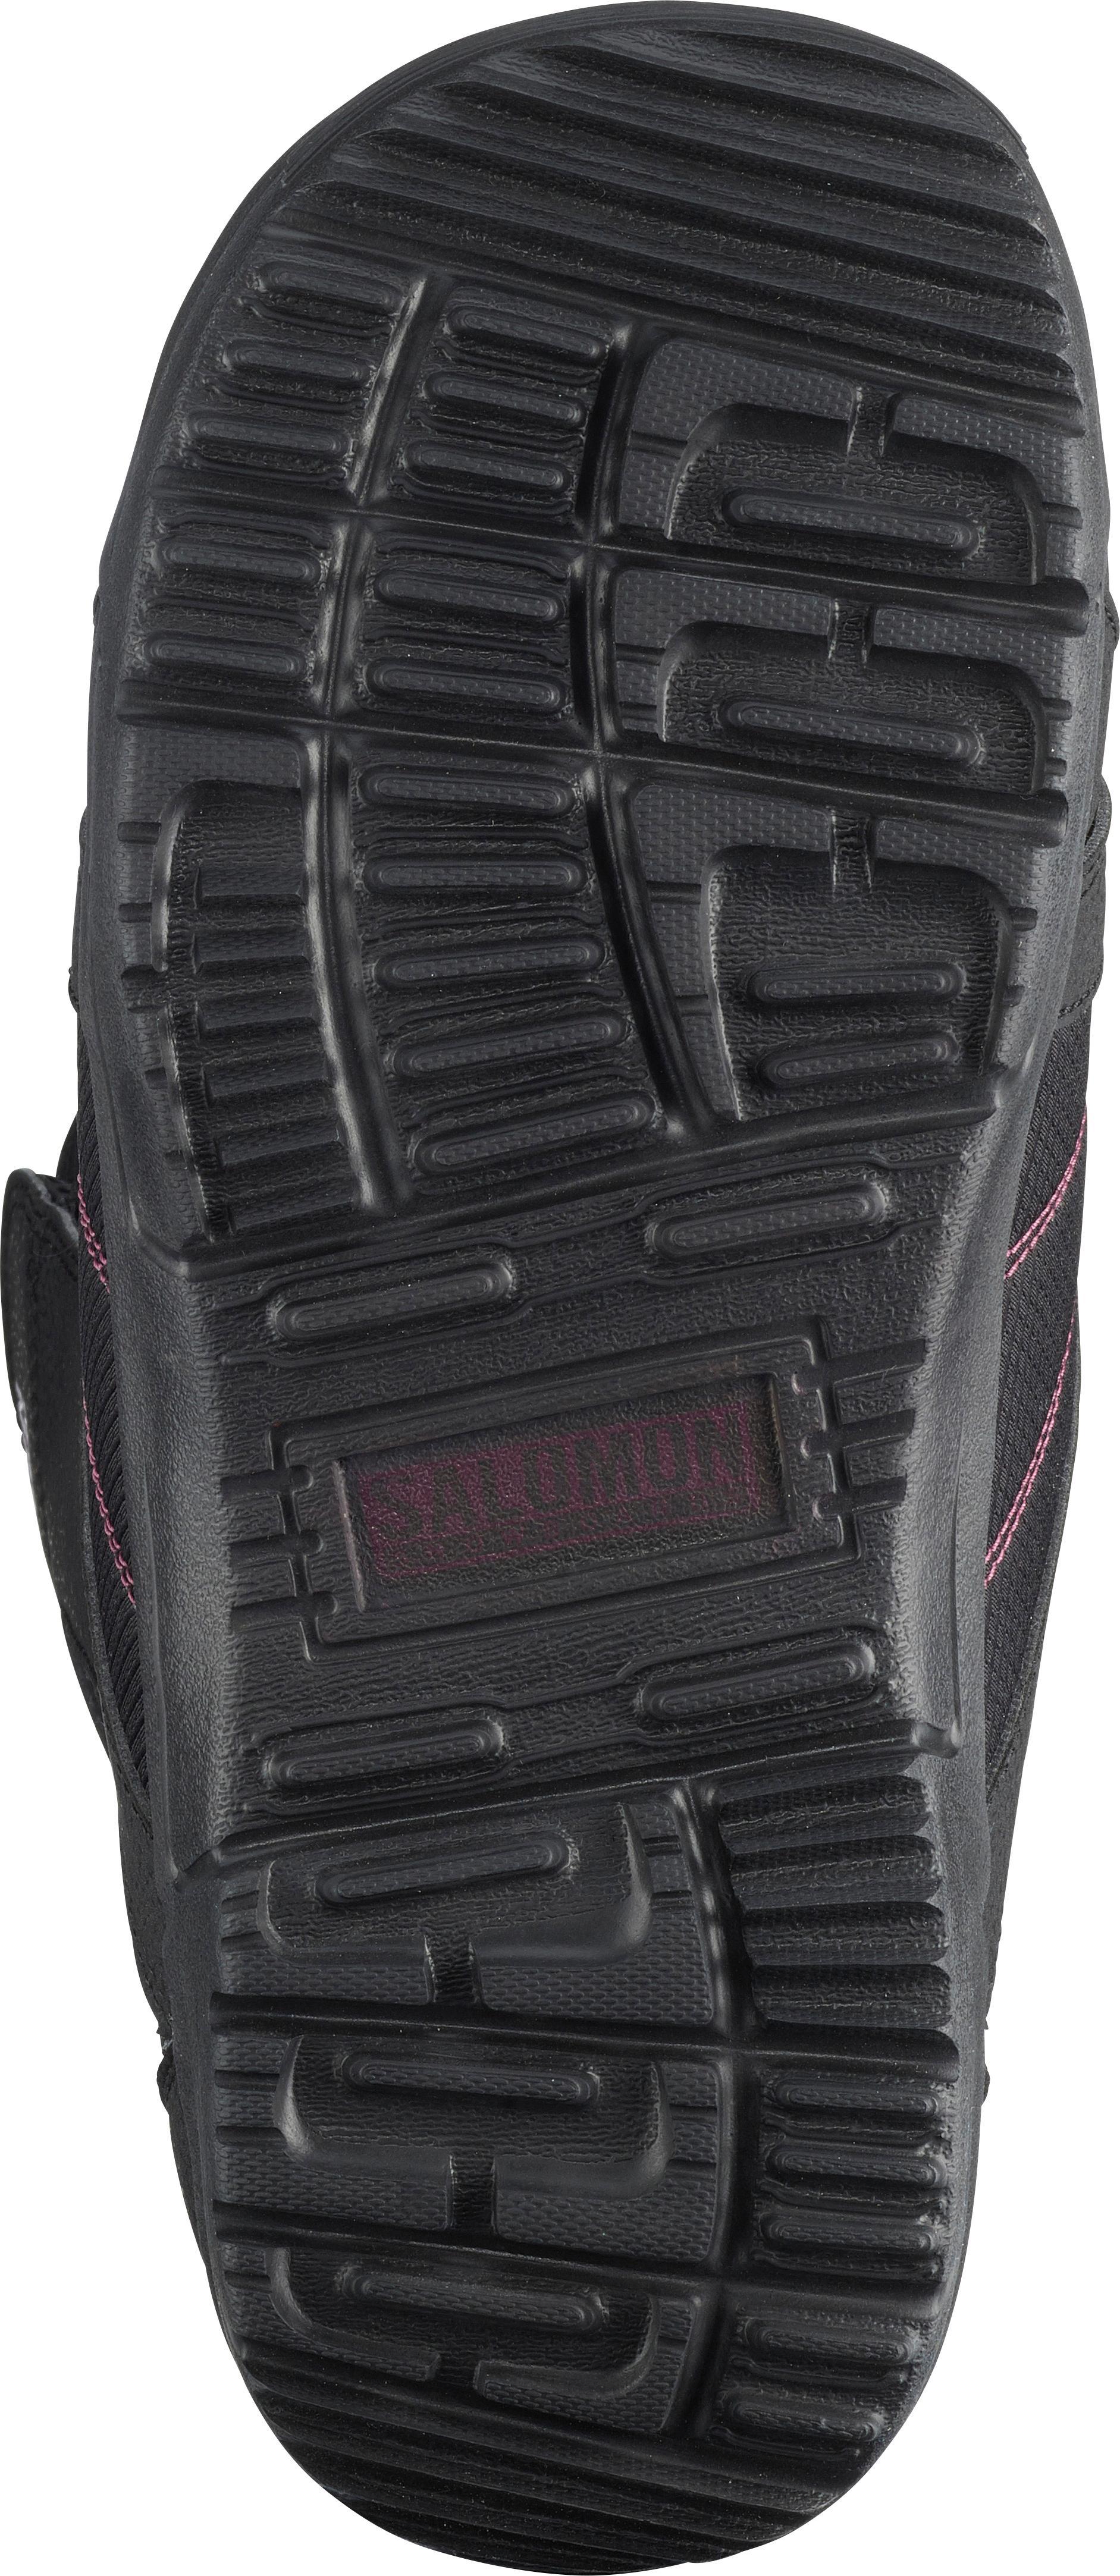 Salomon Scarlet Snowboard Stiefel Damen schwarz im Online Shop von von von SportScheck kaufen Gute Qualität beliebte Schuhe 50227a